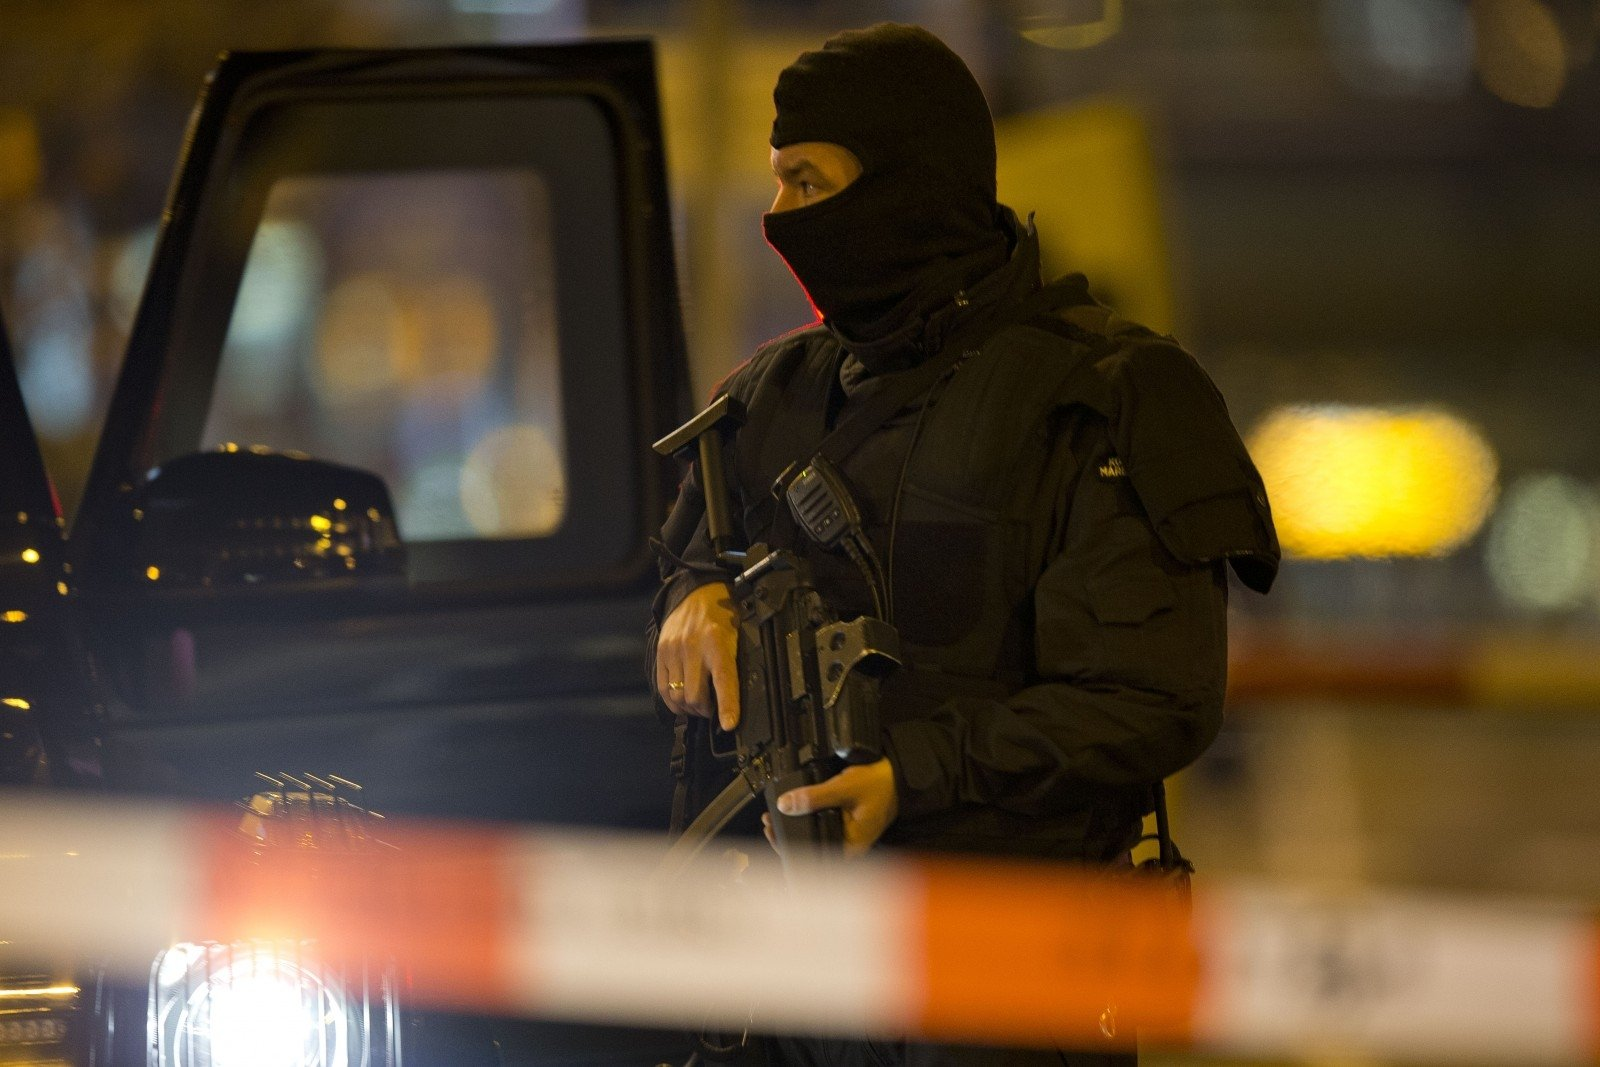 Столичный аэропорт Голландии частично эвакуирован посоображениям безопасности